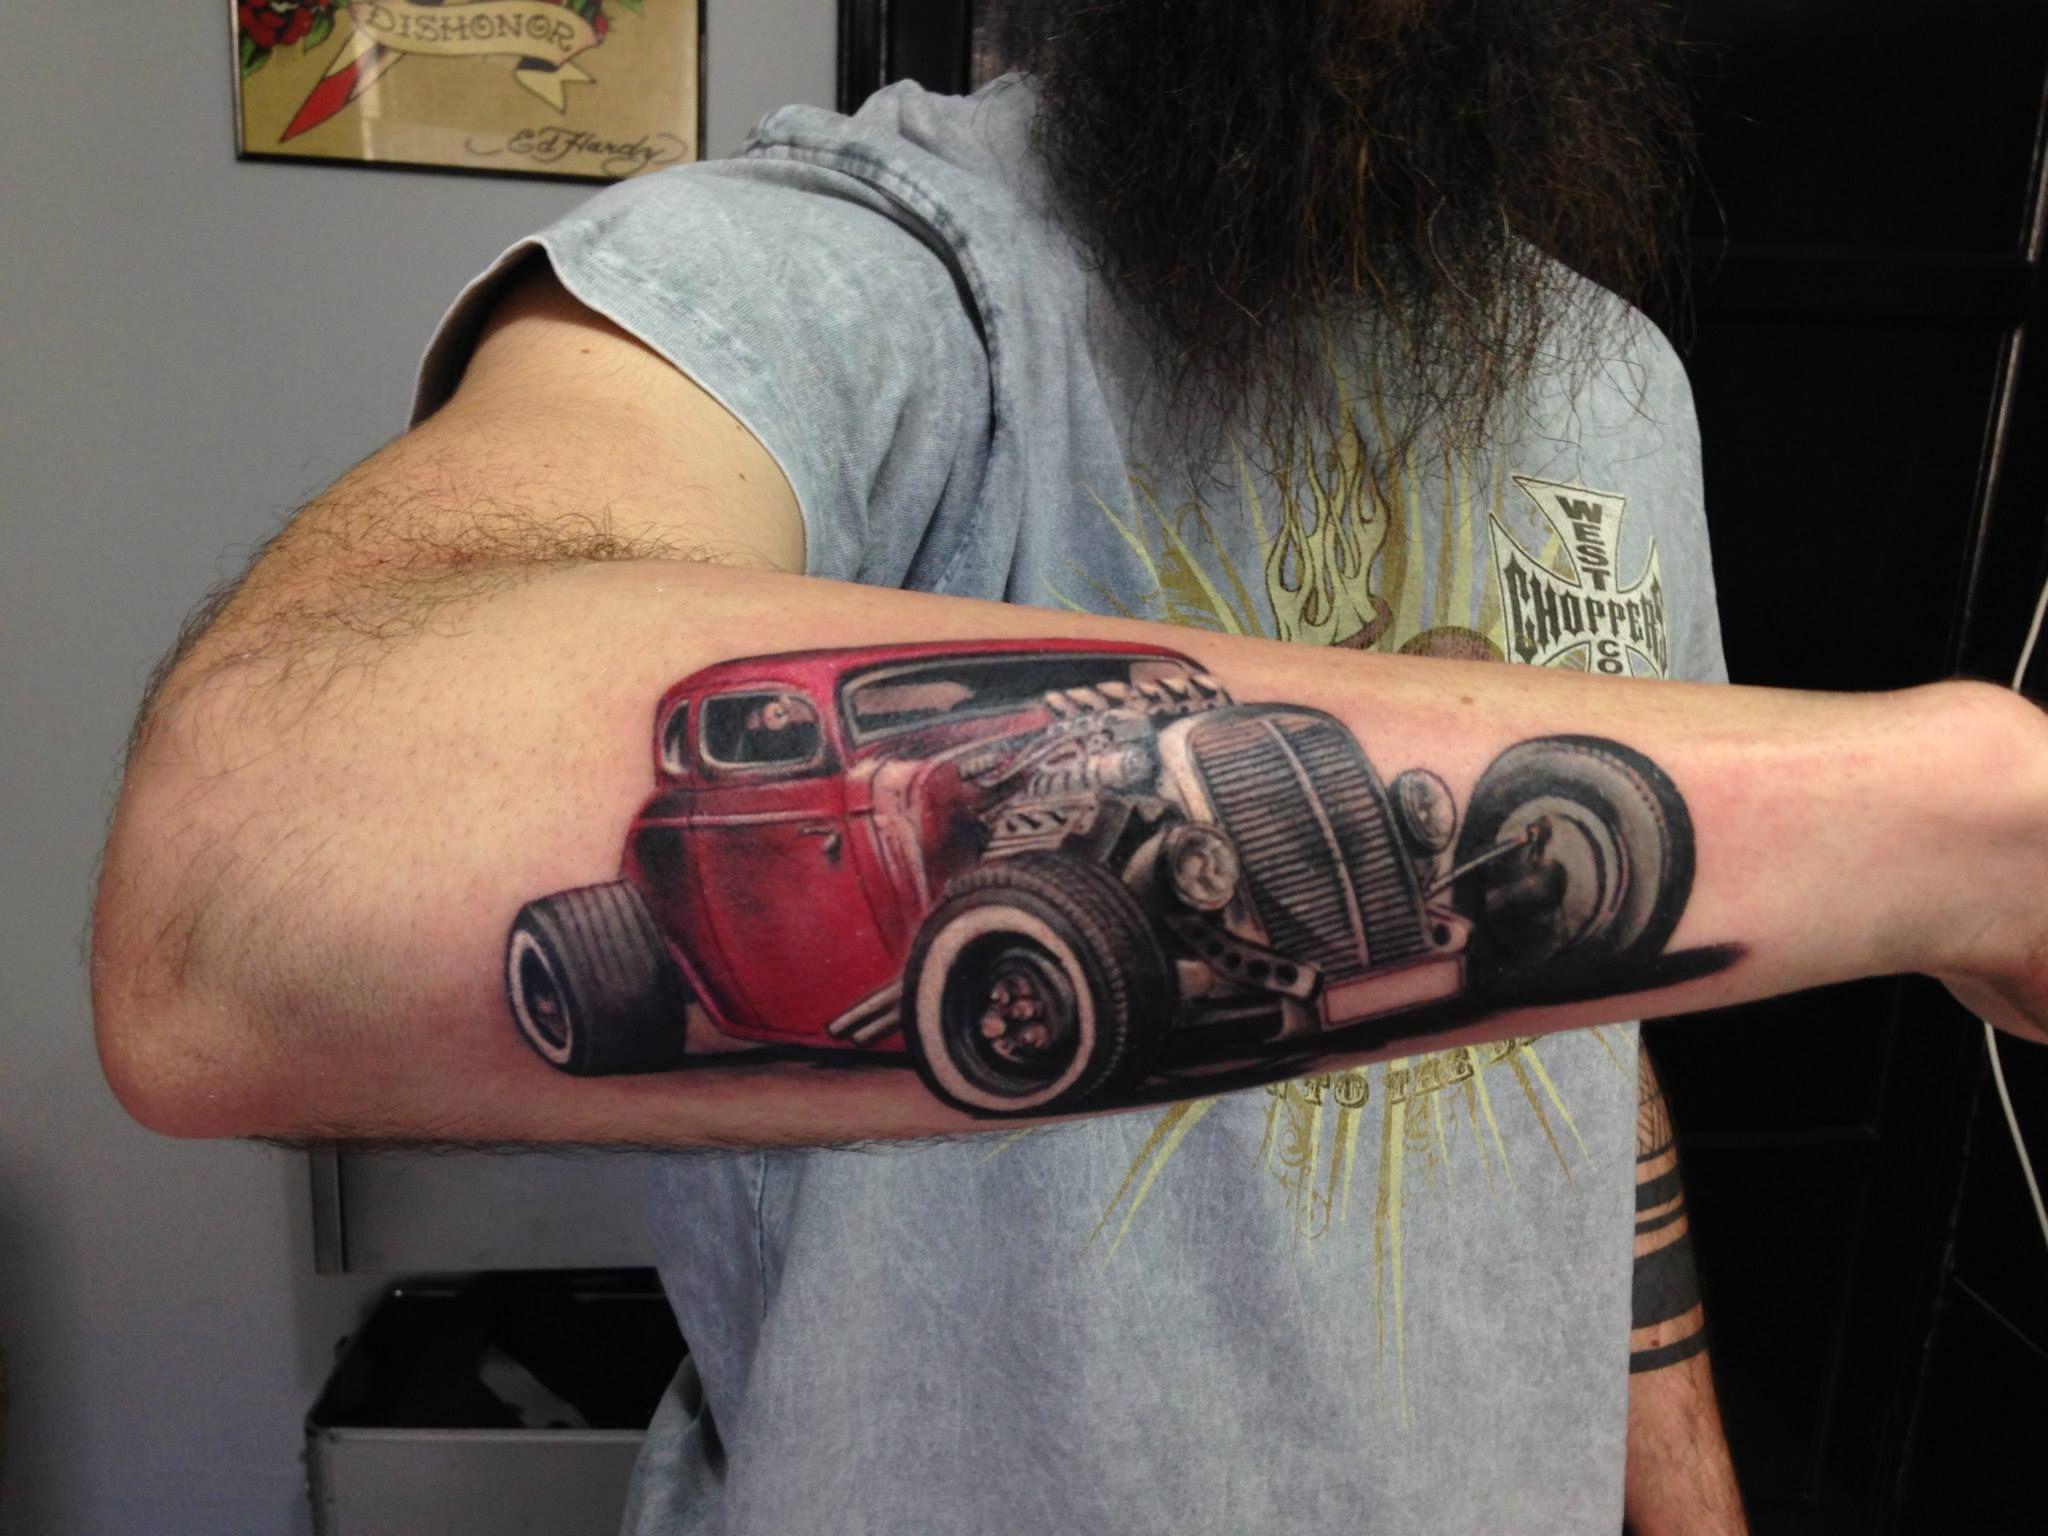 Car Tattoo By Ivan At Holy Grail Tattoo Studio Tat Ideas Tattoos